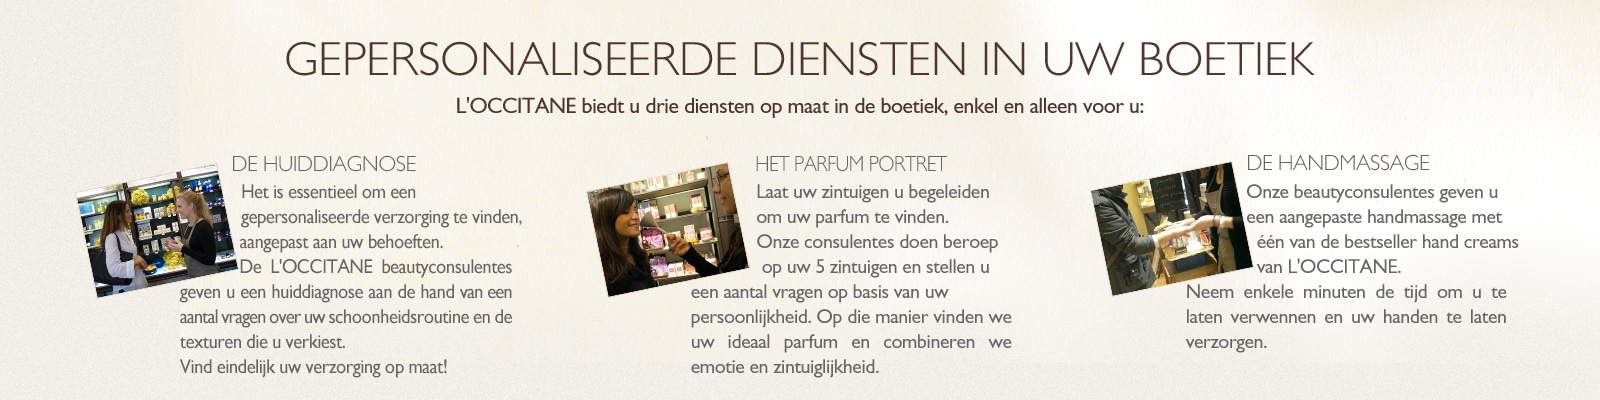 Diensten in de boetieks - L'Occitane Nederland